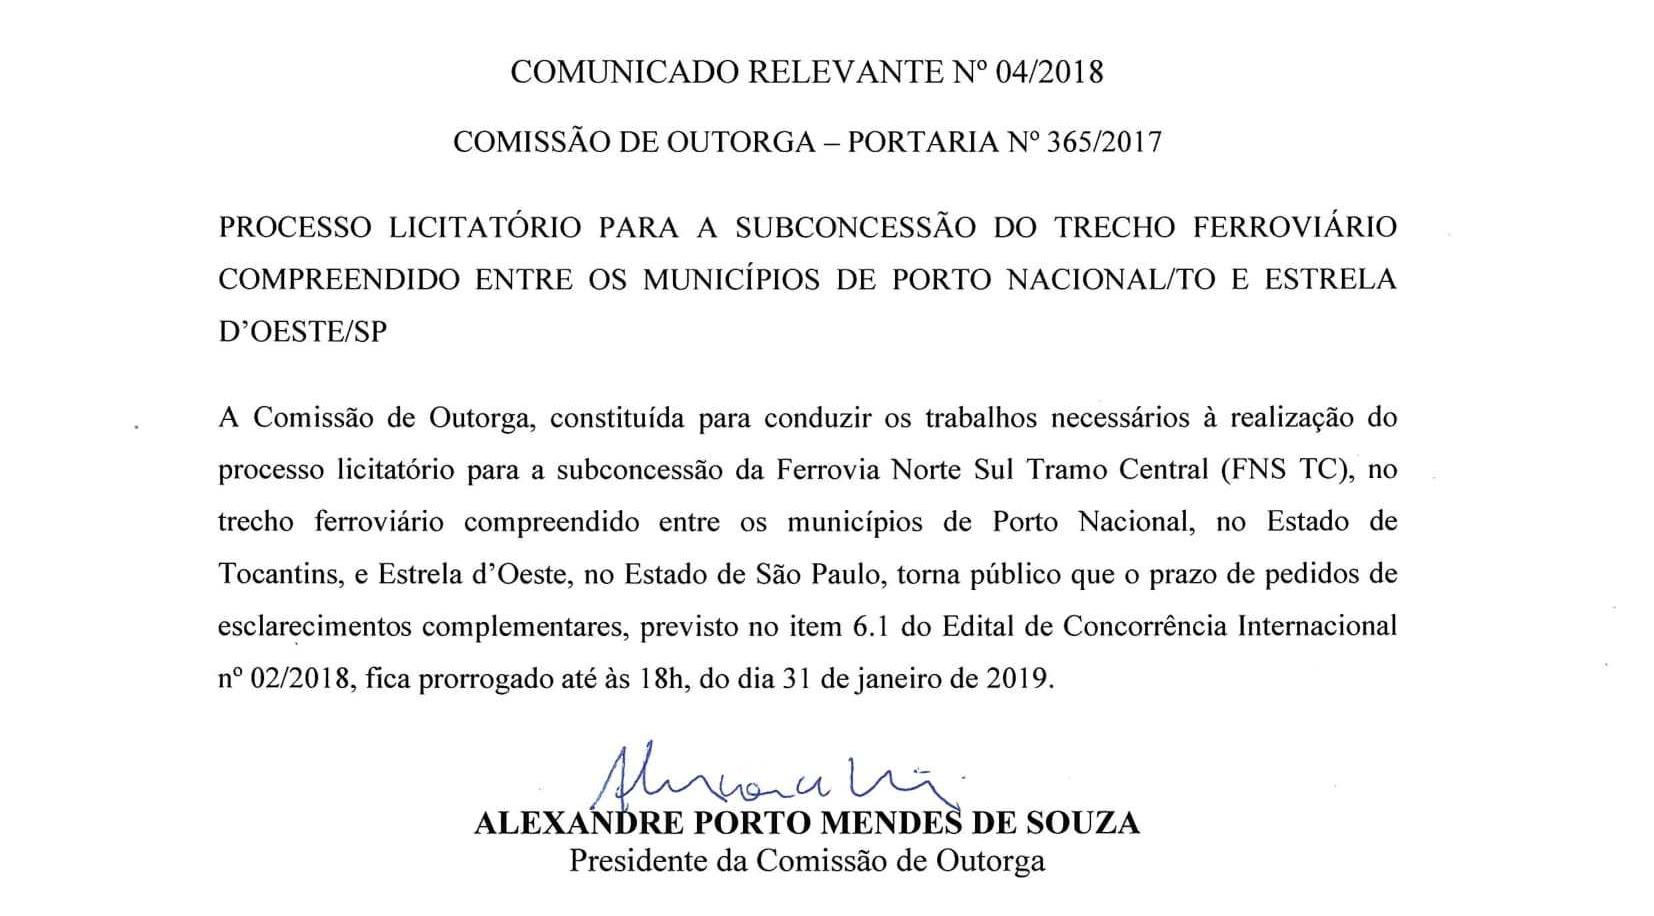 comunicado_04-2018-1.jpg